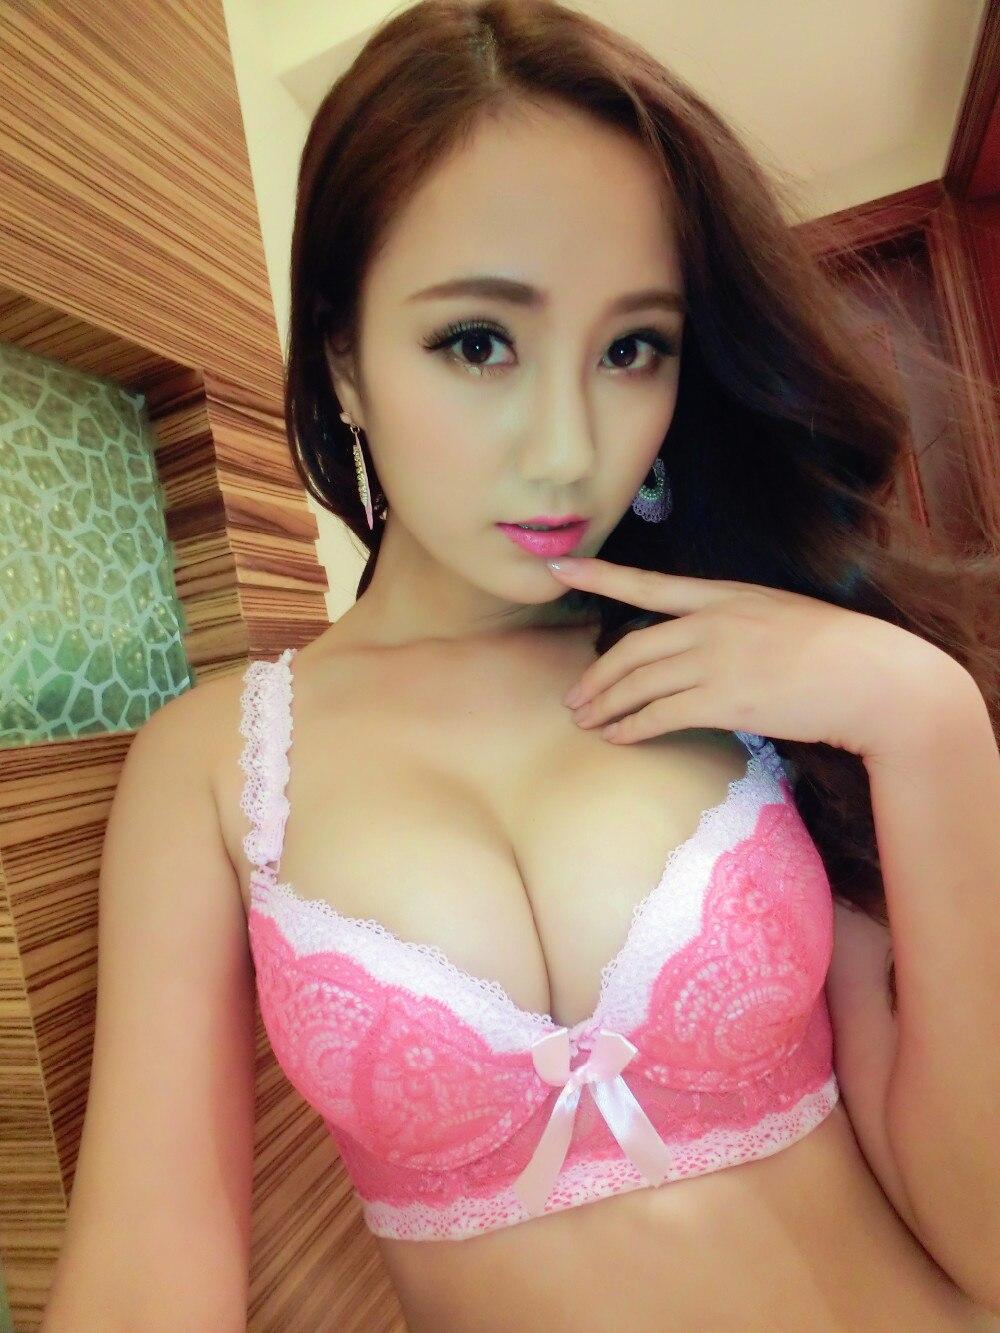 japanese hot